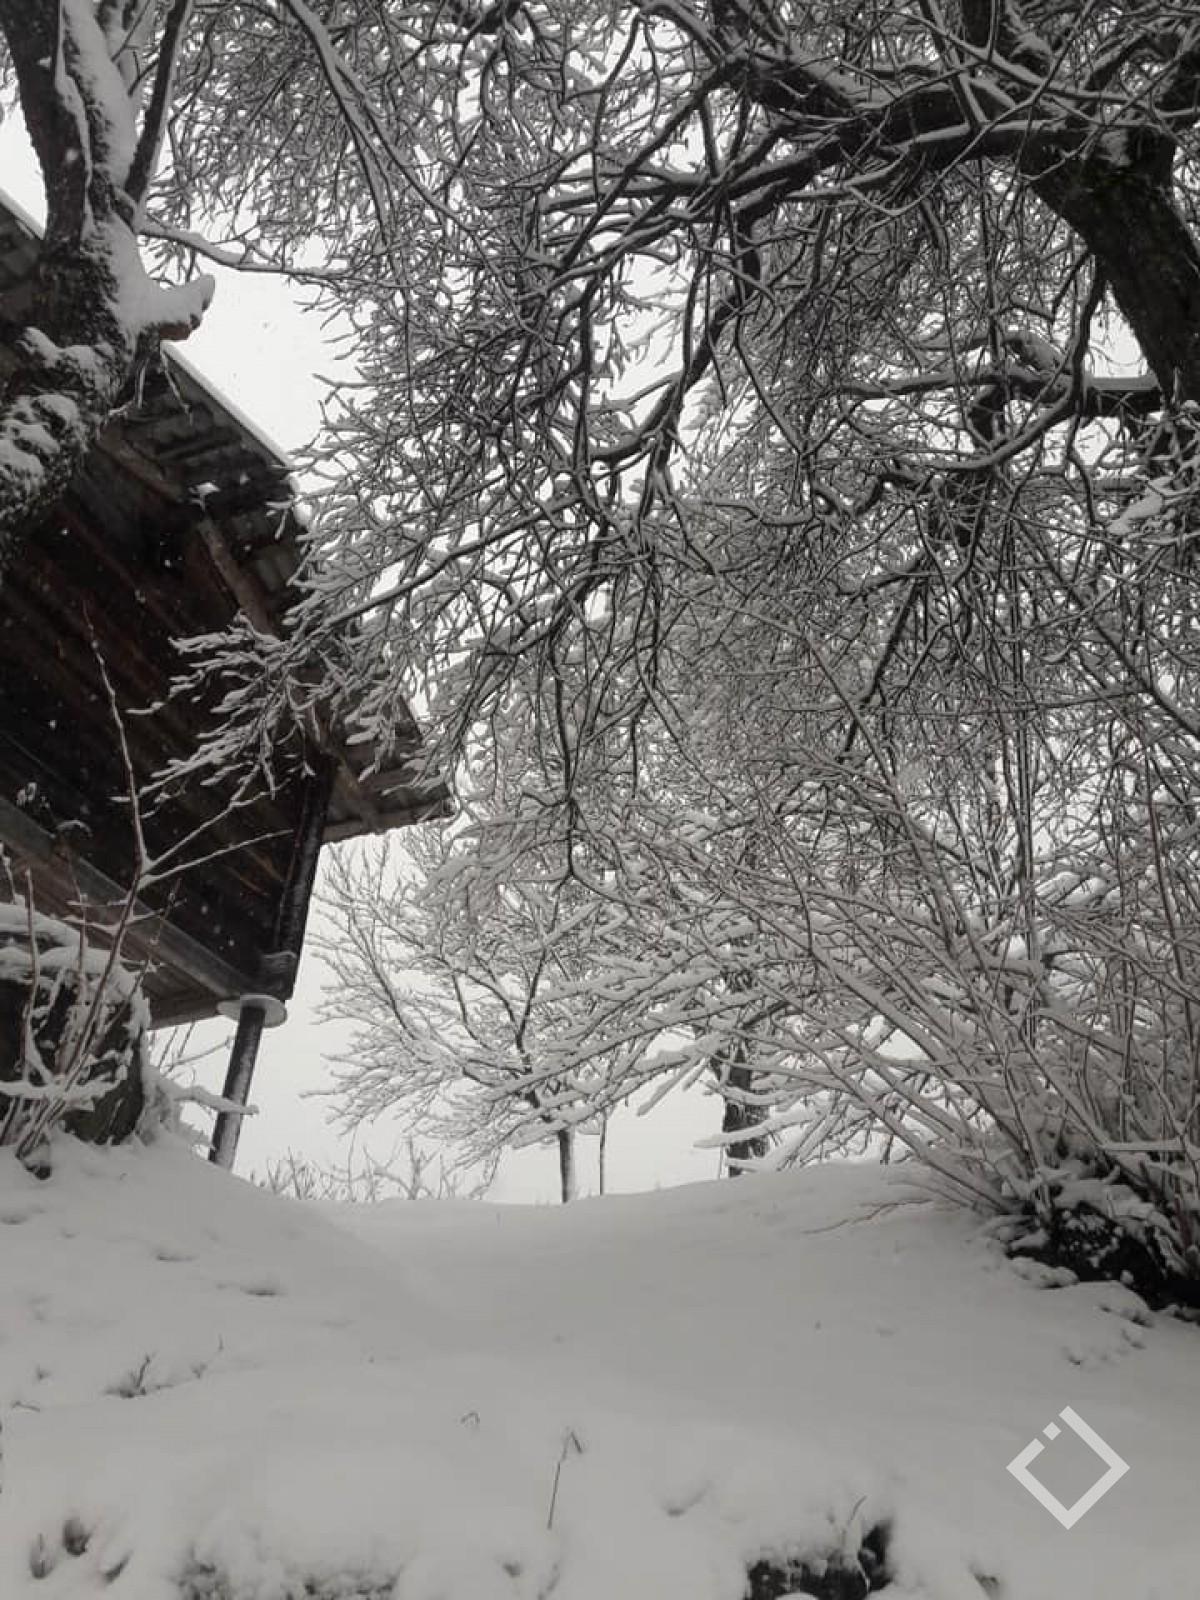 თოვლიანი დღე - შუახევი